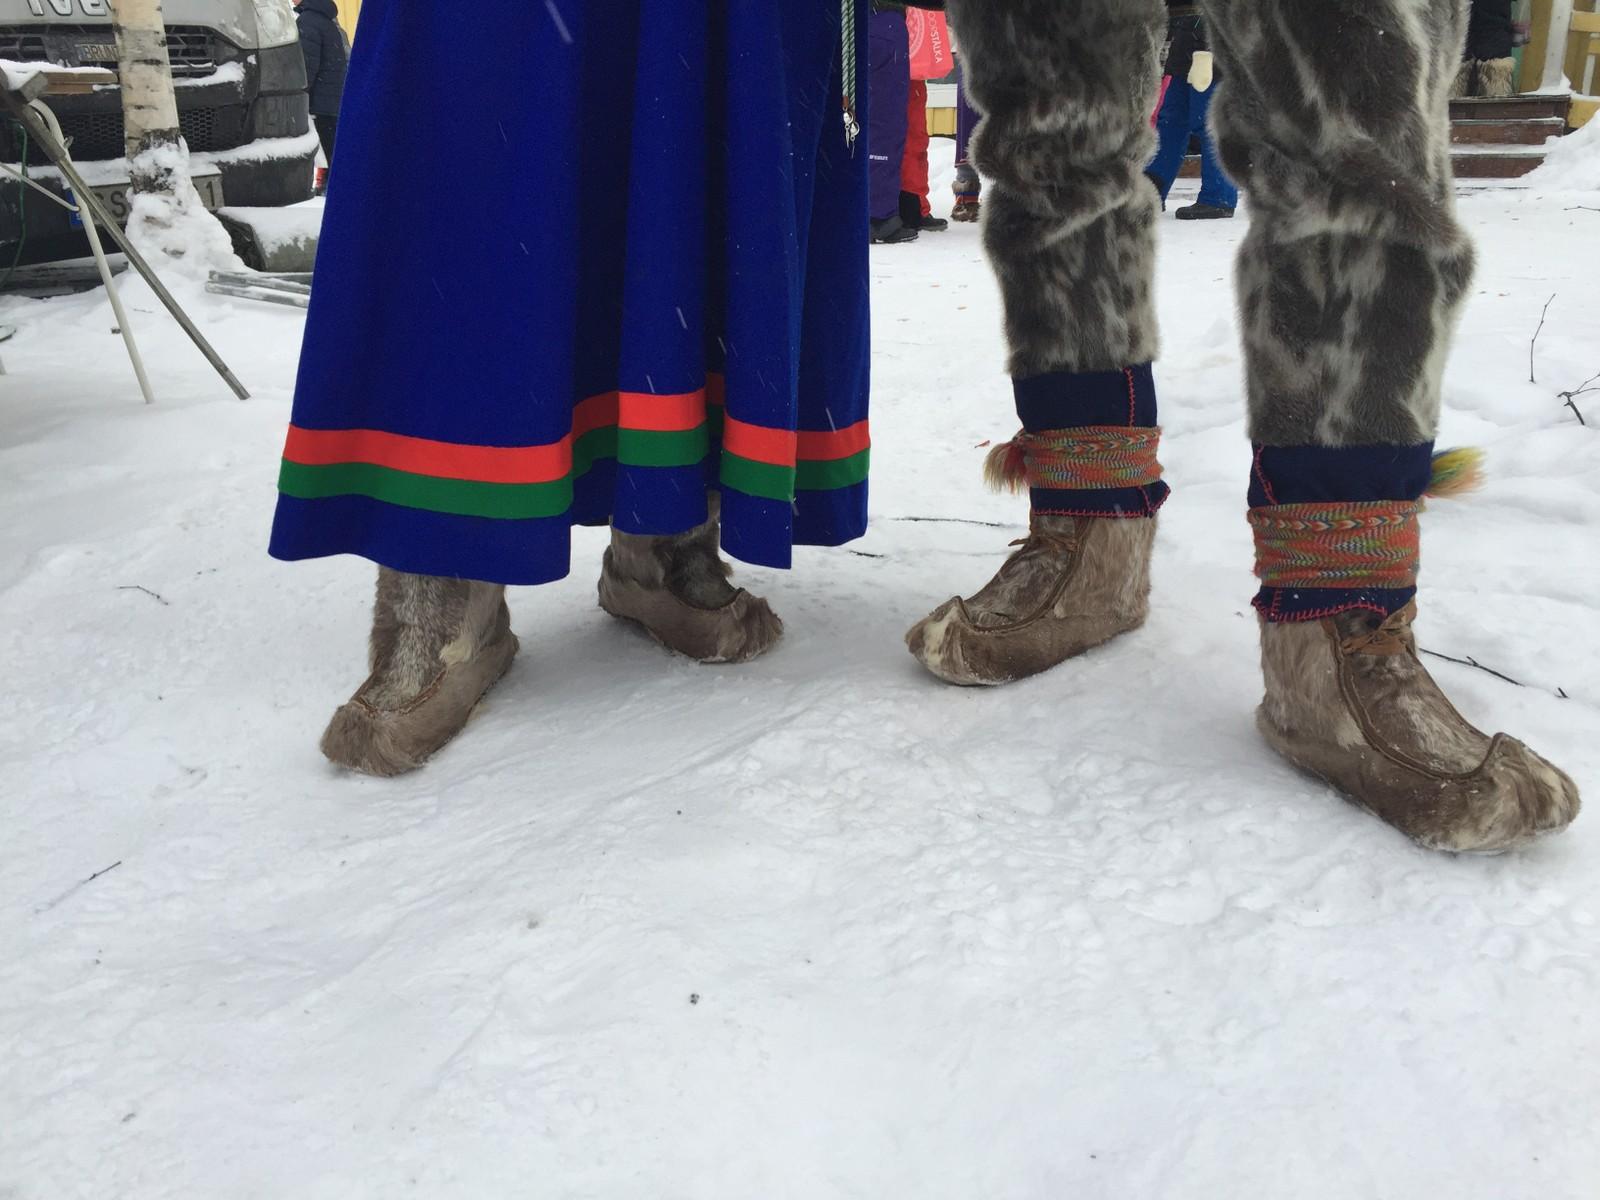 Janni Staffansson og Keira Pavval er godt kledd for dagen. Det var under 20 kuldegrader på morgenen, men temperaturen steg til rundt 10 i løpet av dagen.